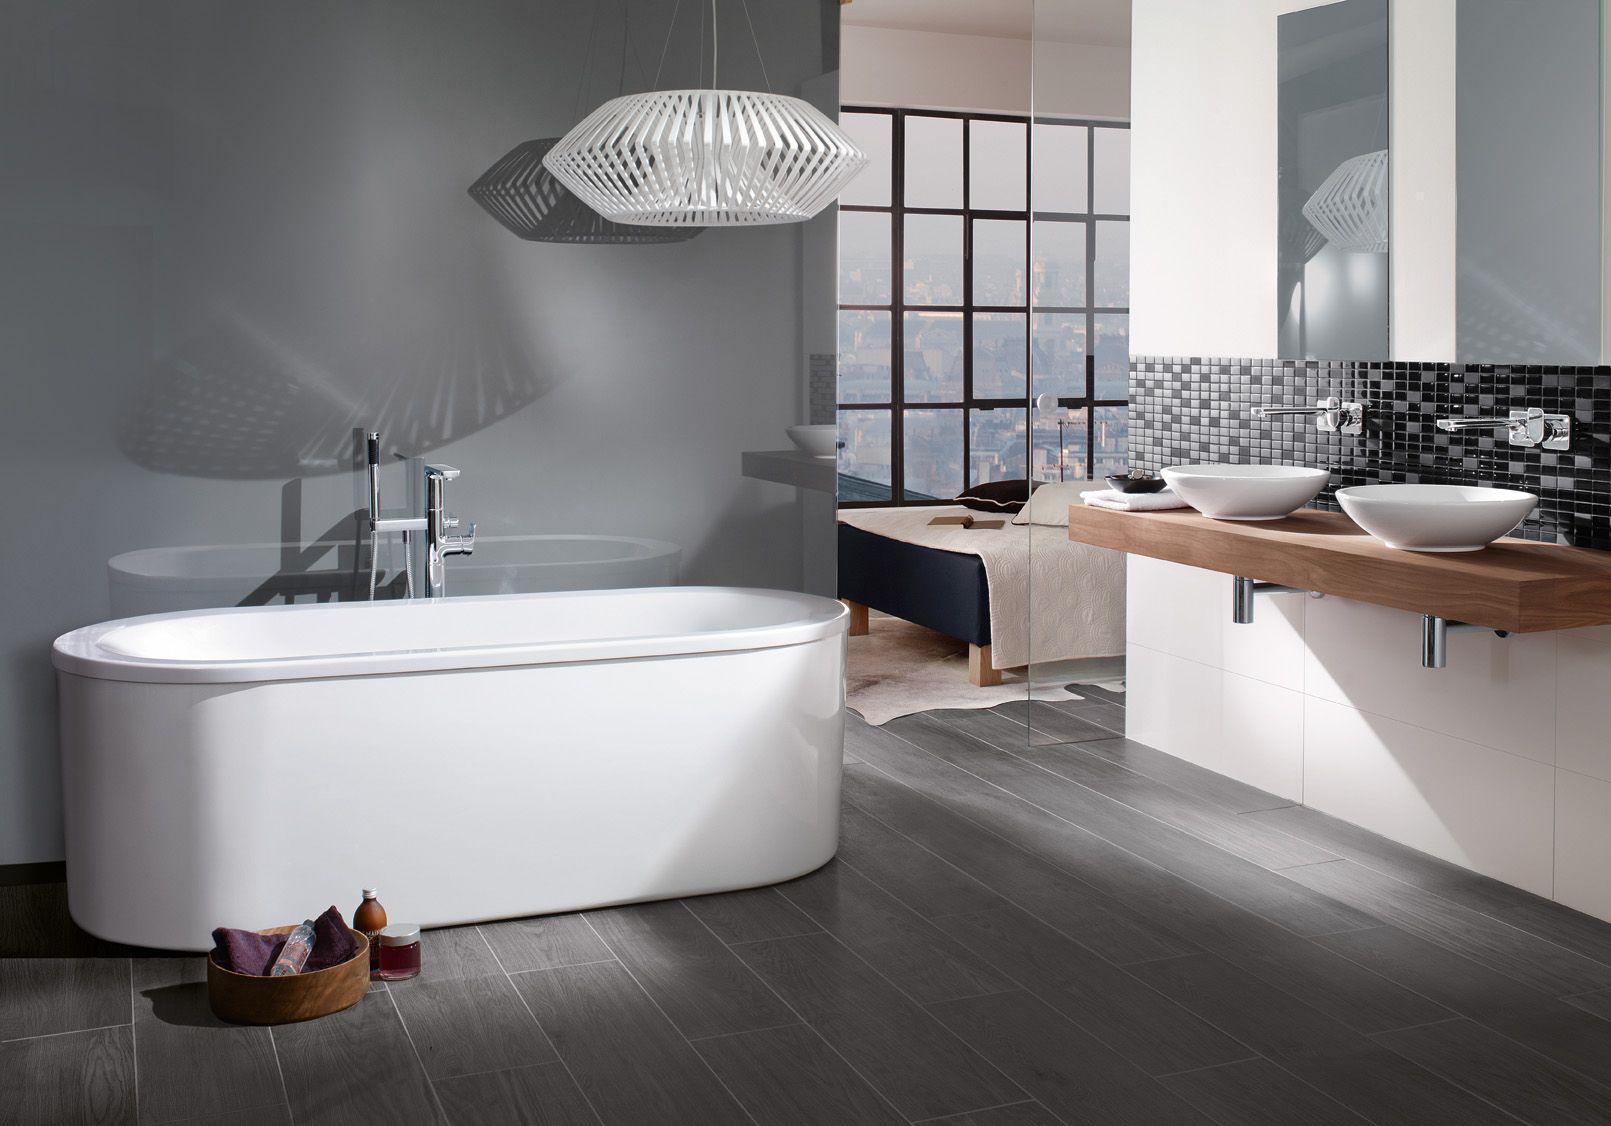 Moderne badkamer met ligbad en dubbele wastafel moderne badkamers pinterest moderne - Spiegel wc ontwerp ...